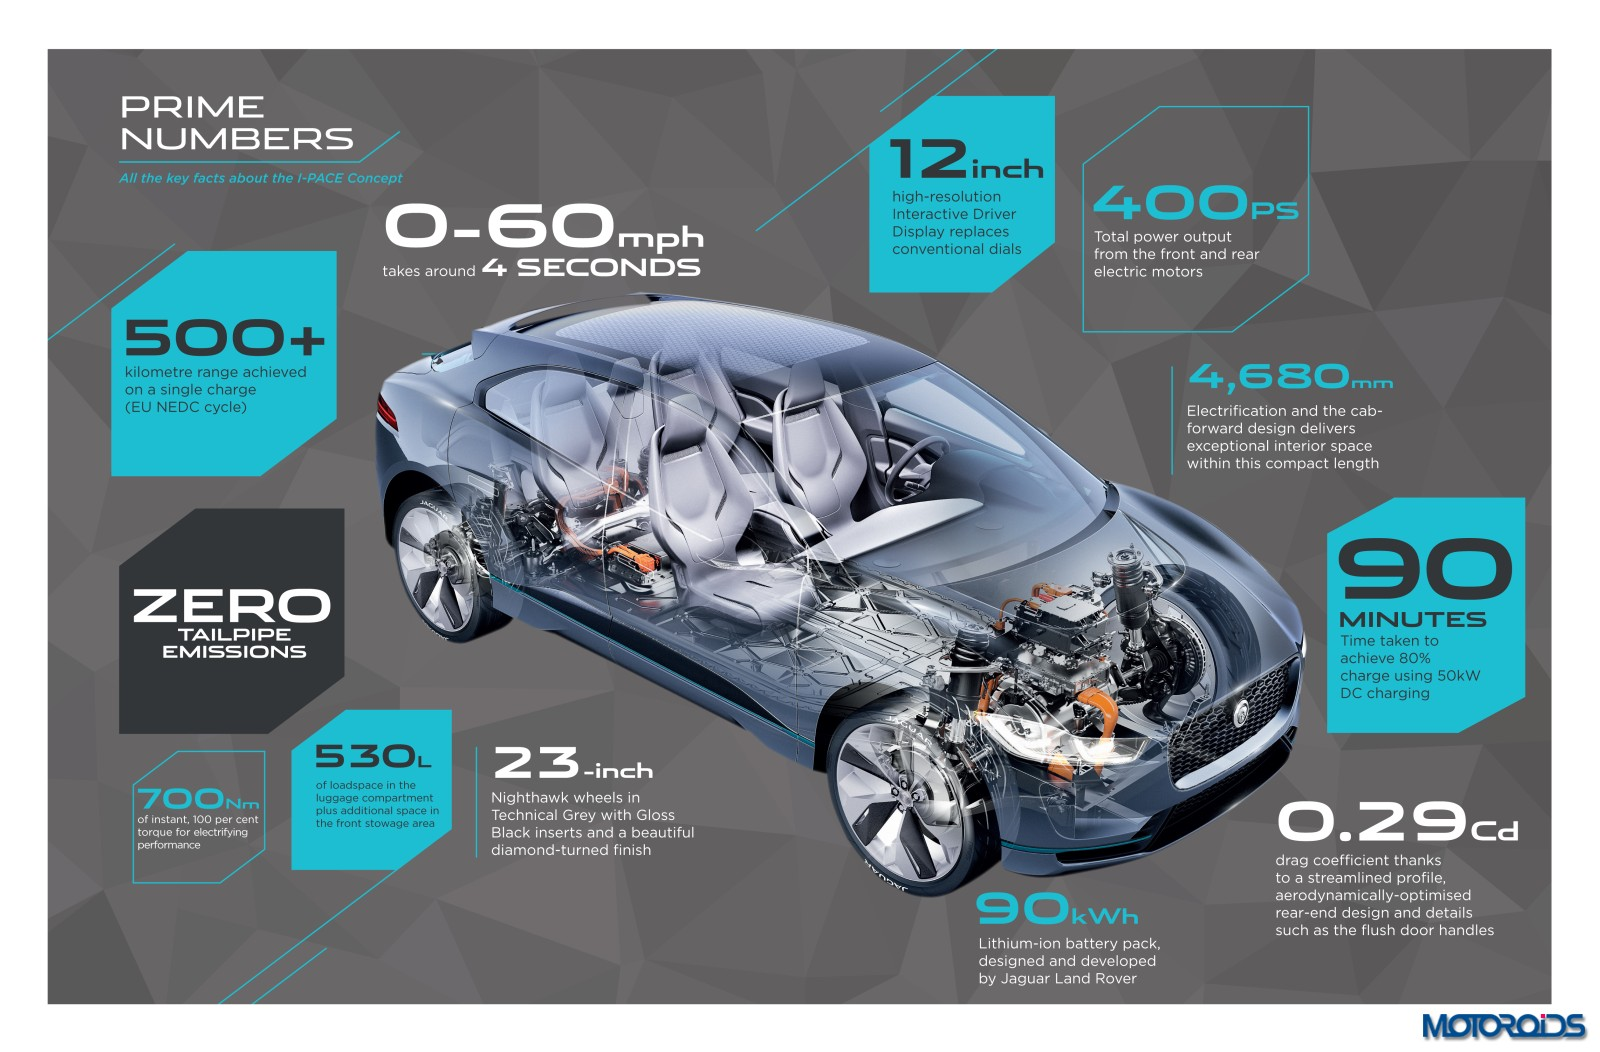 jaguar-i-pace-electric-suv-images-1